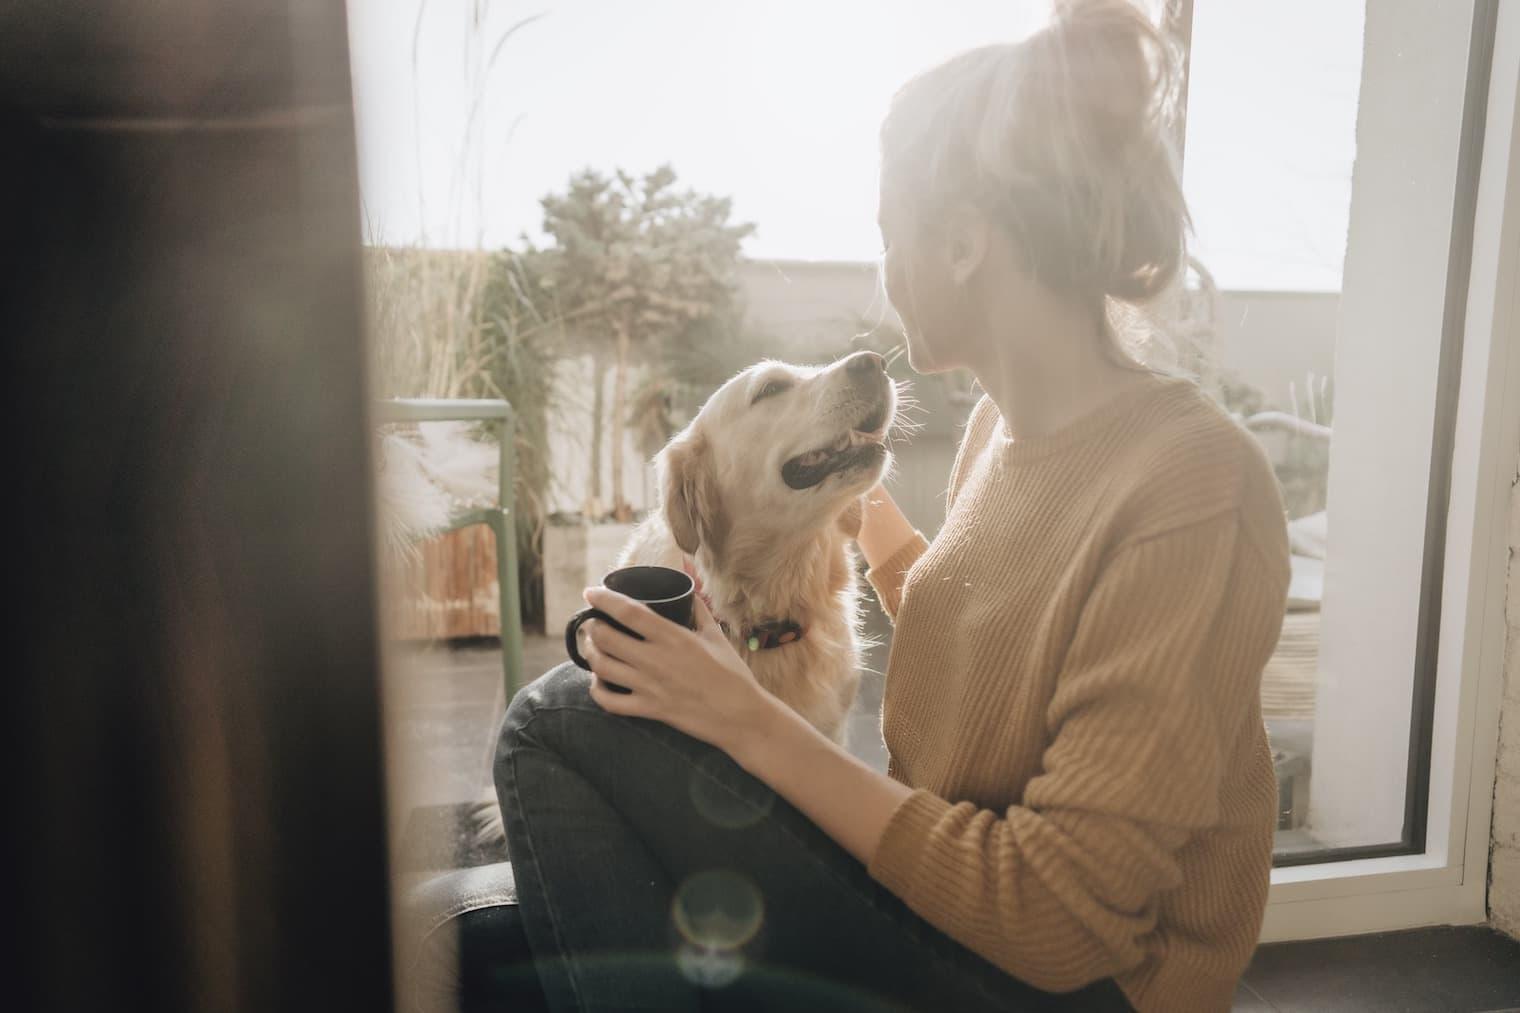 Une femme est assise avec un chien sur un rebord de fenêtre ensoleillé.